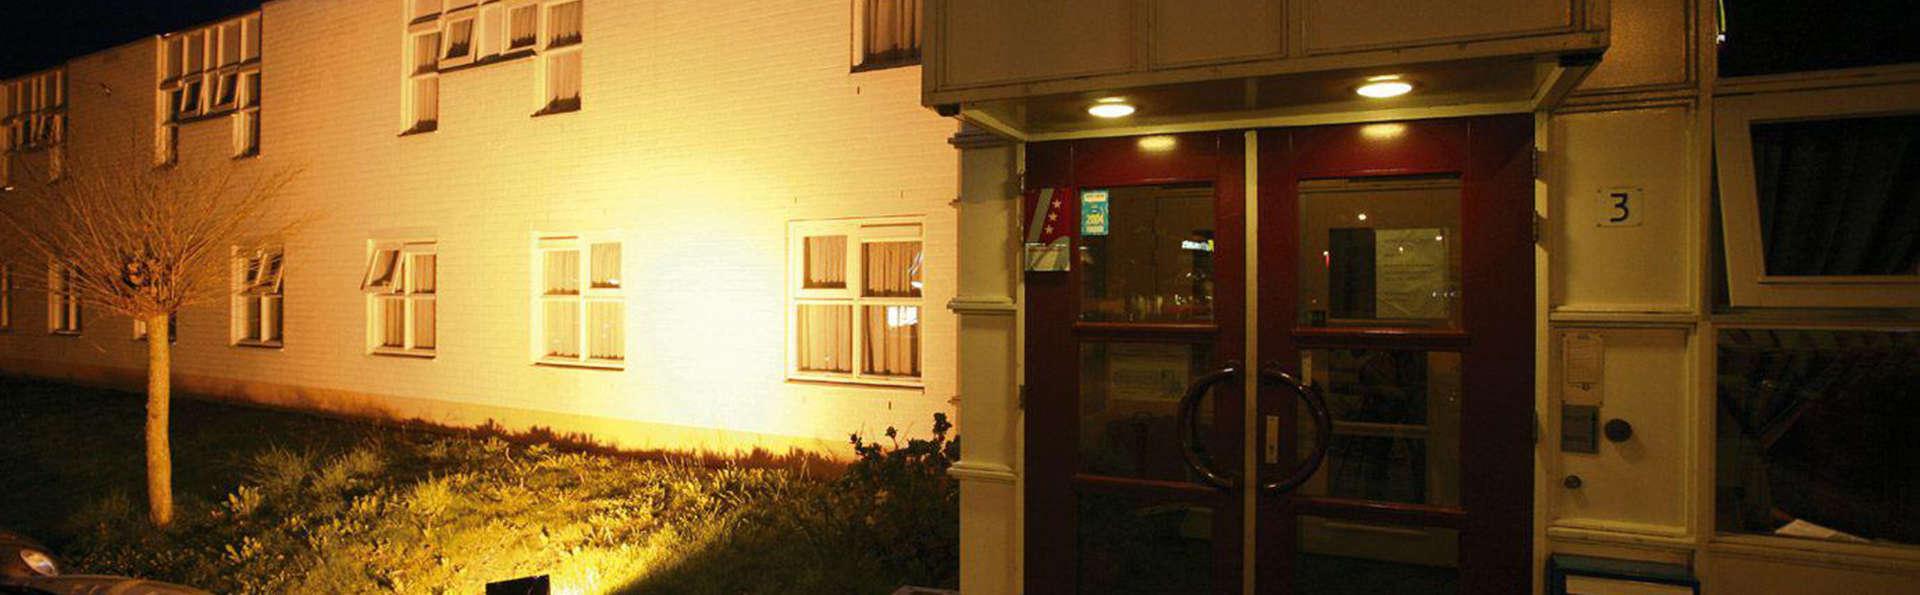 Hotel Gieling - EDIT_front.jpg